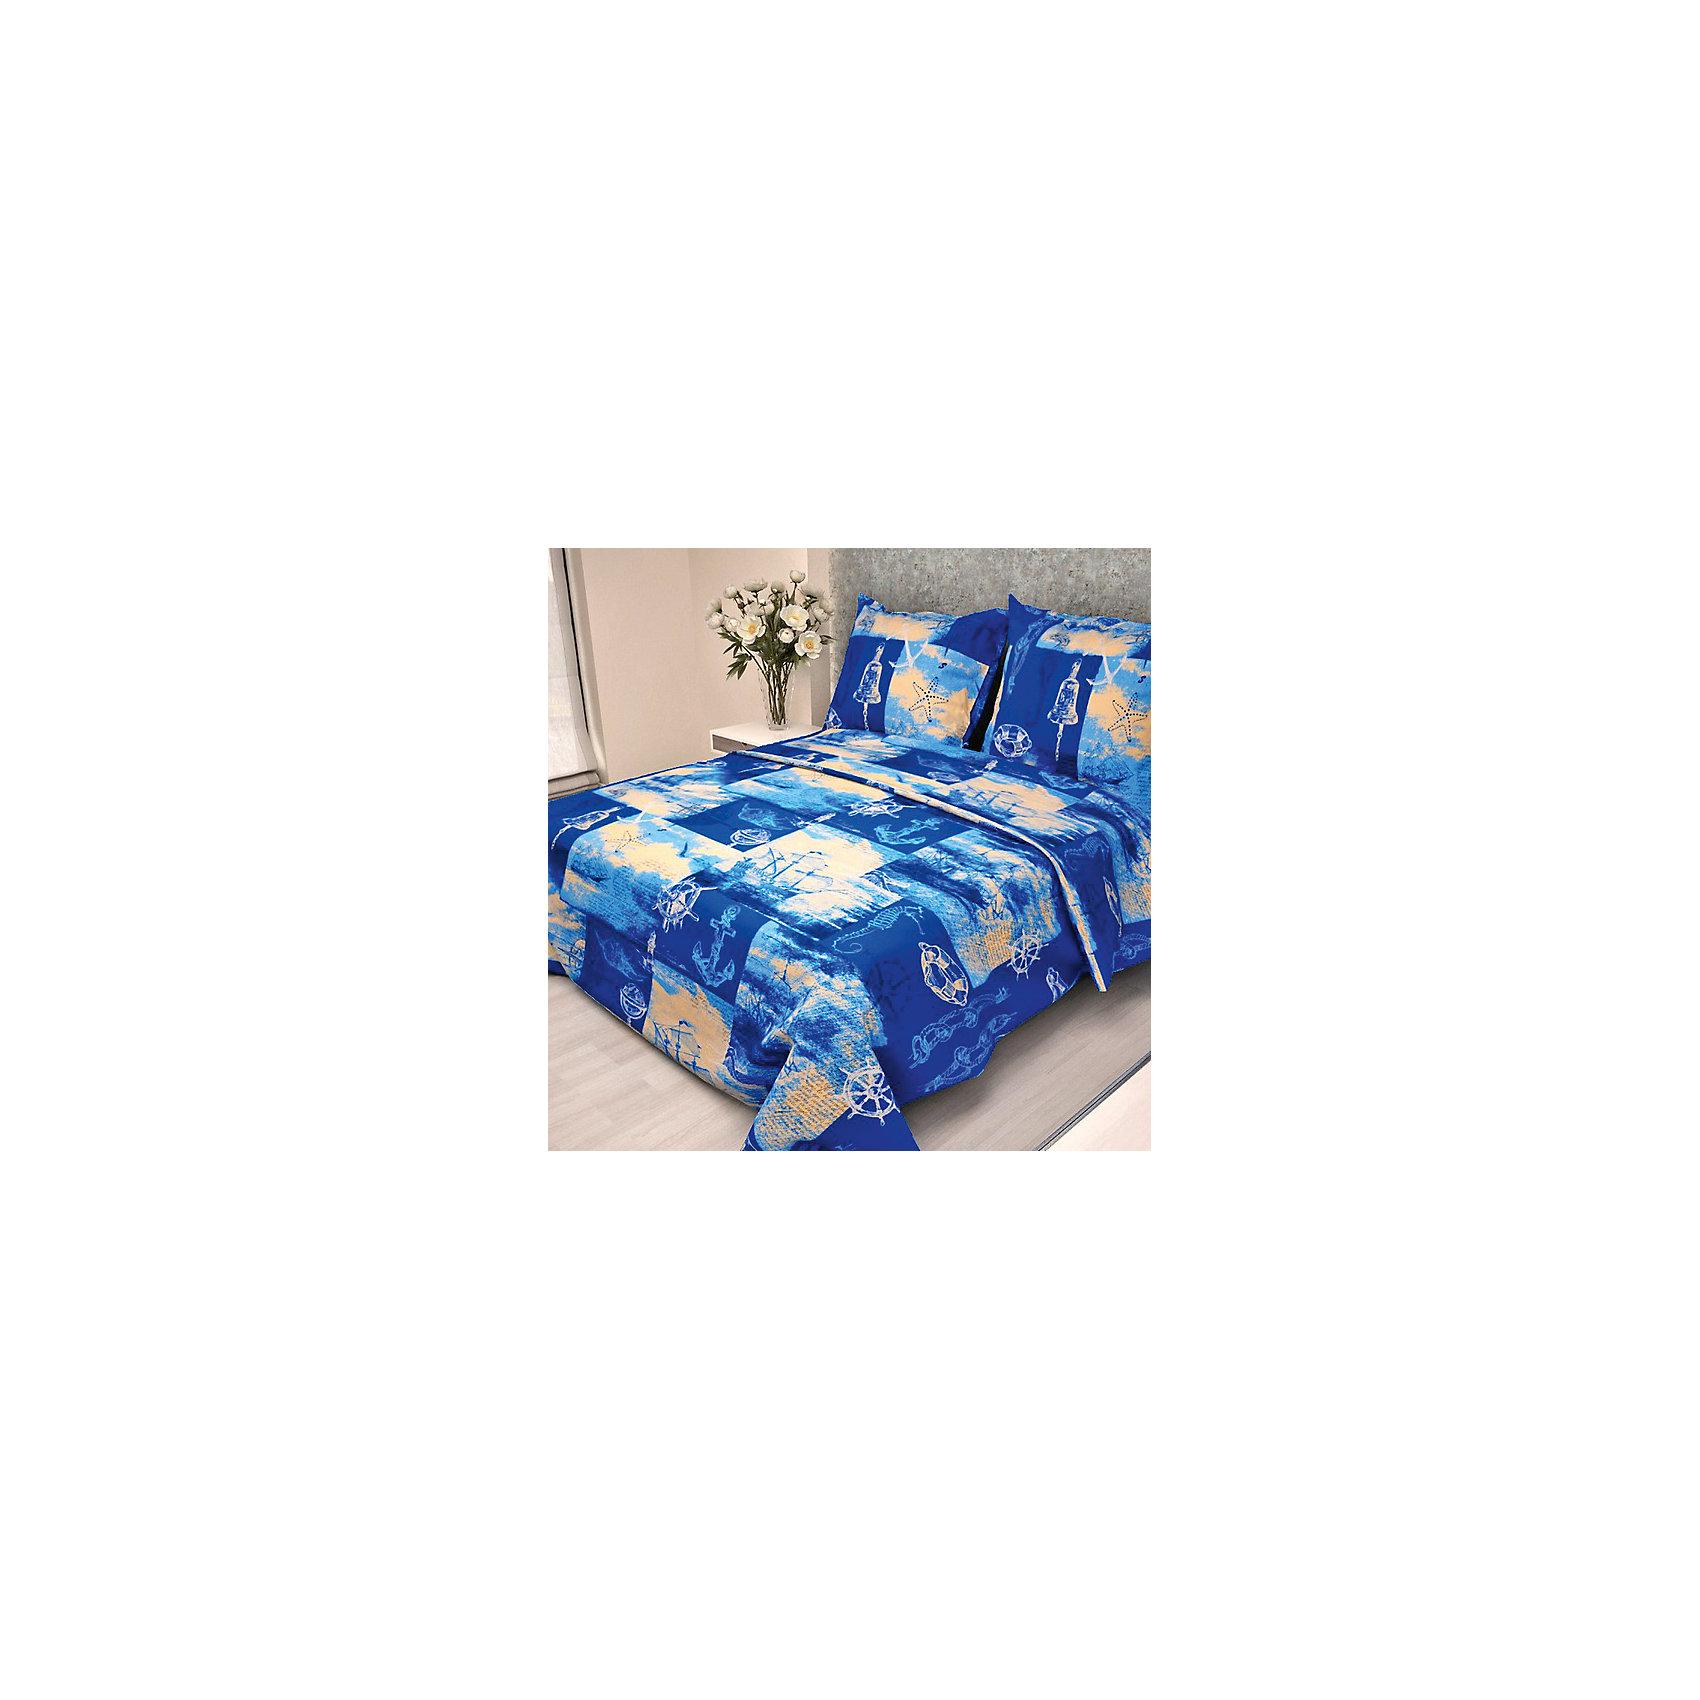 Letto Постельное белье Кораблик,(50х70), Letto постельное из бязи купить оптом в одессе